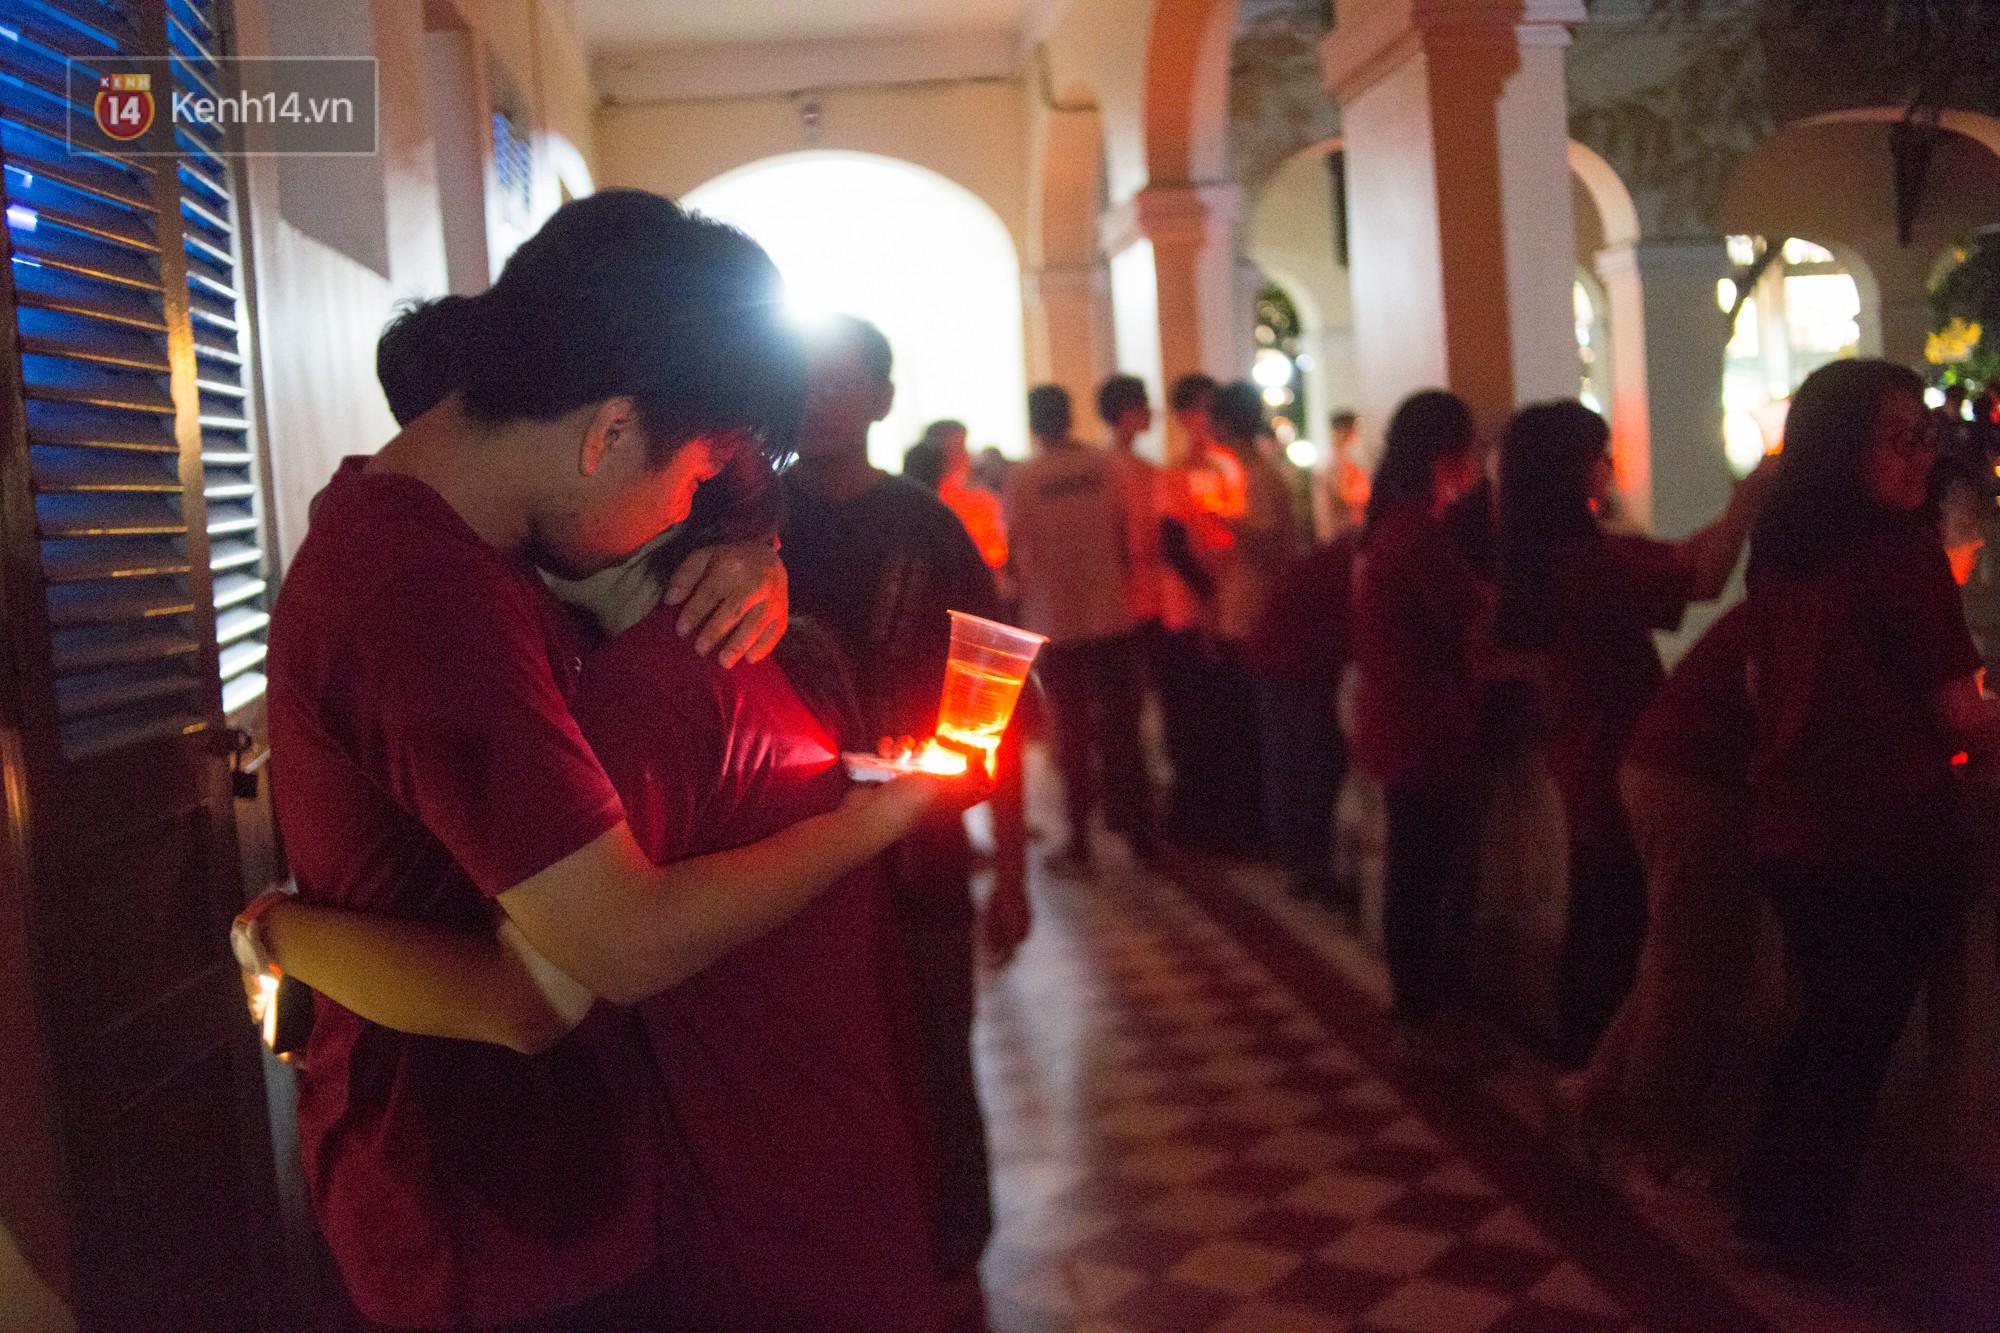 Ngày ra trường của teen Lê Hồng Phong: Nụ cười và nước mắt, bạn tôi ơi xin bên nhau thêm chút nữa!-21